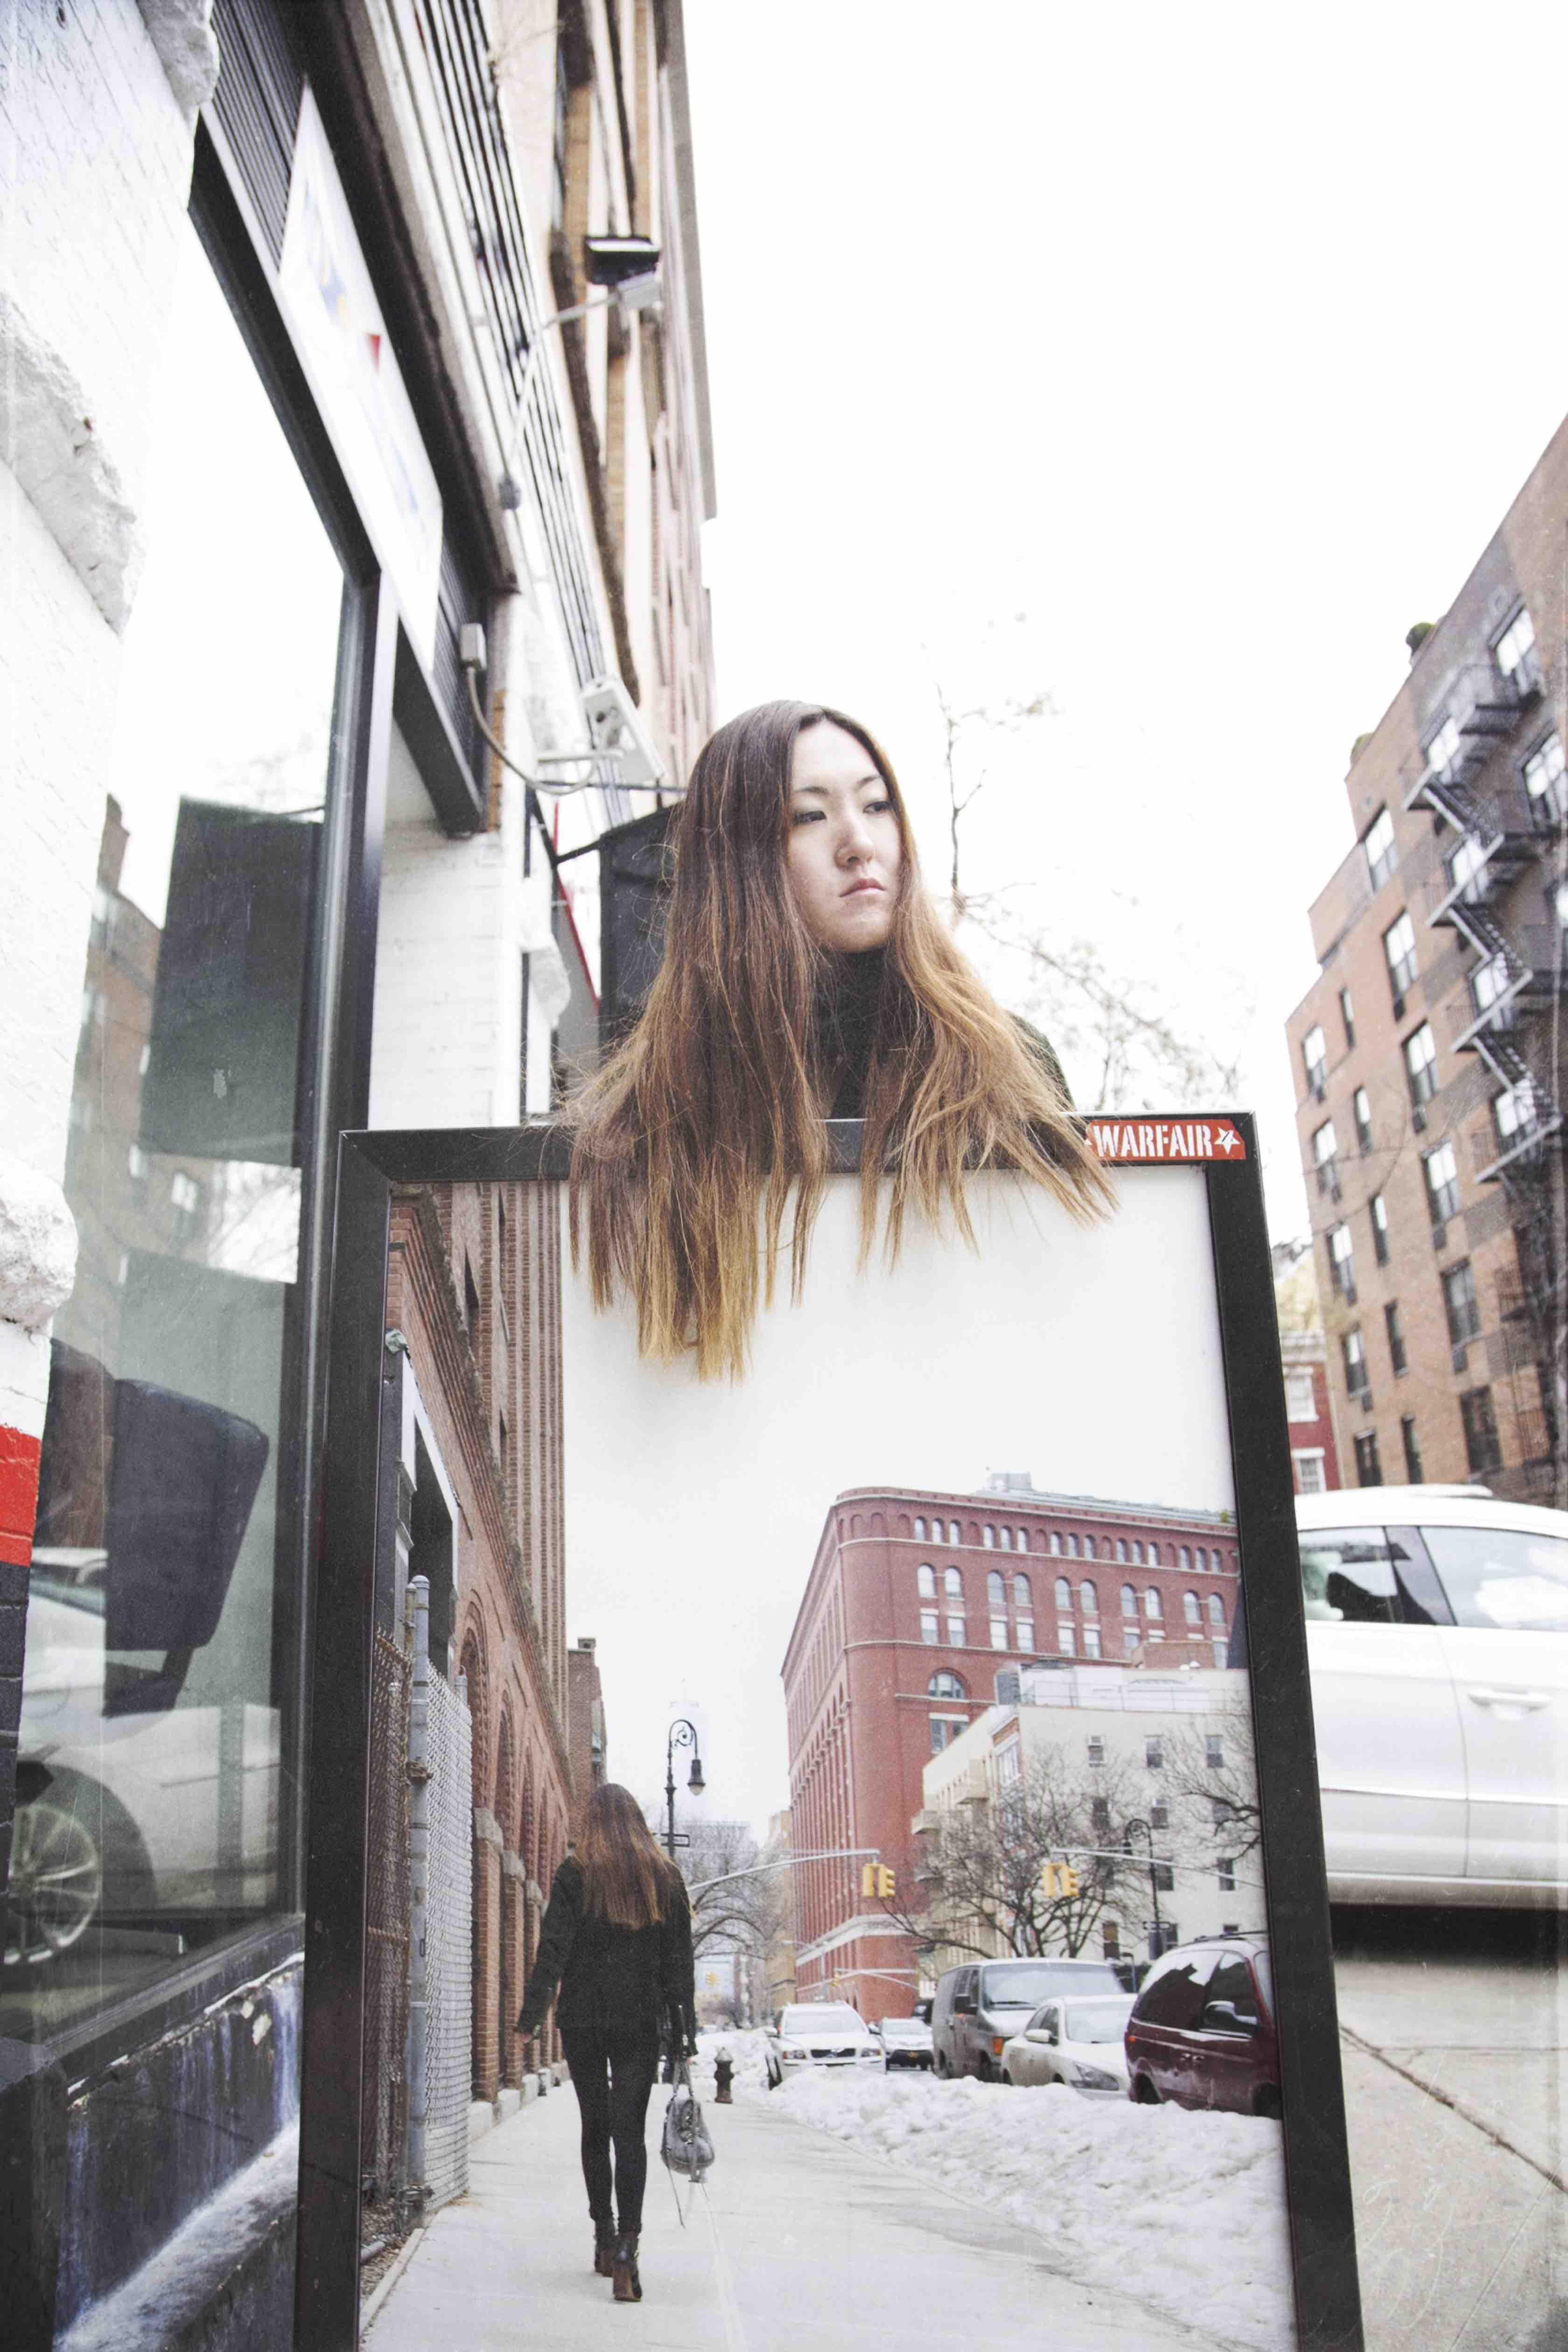 Summer Y.L. in West Village, shot by Nima Chaichi